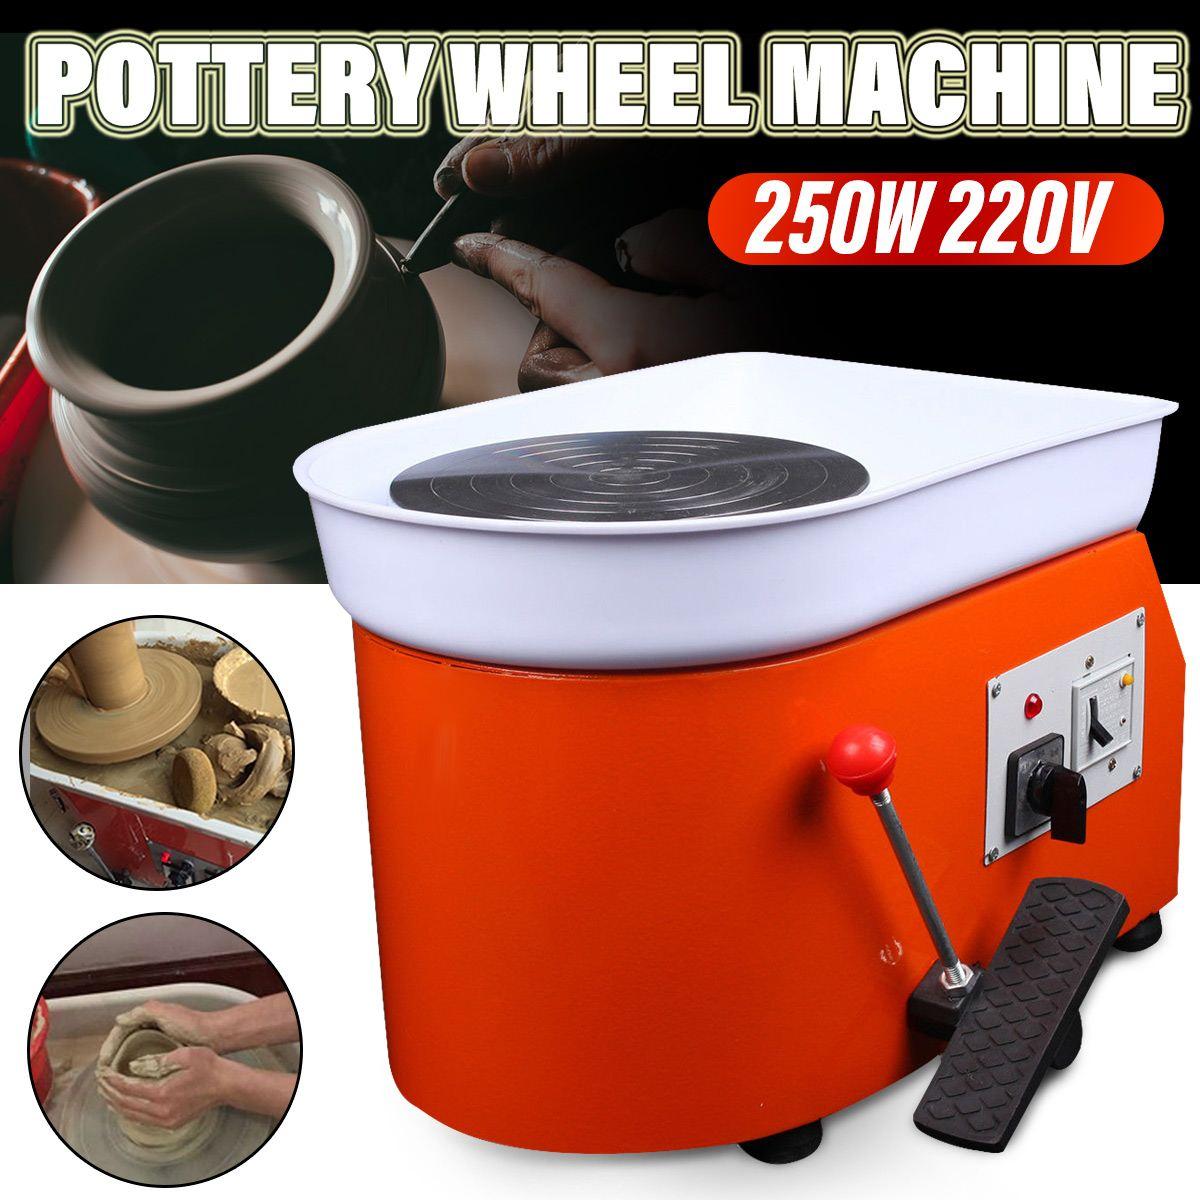 25 cm 250 W poterie roue Machine en céramique travail pédale en céramique argile Art moule AU/US 110/220 V poterie roue